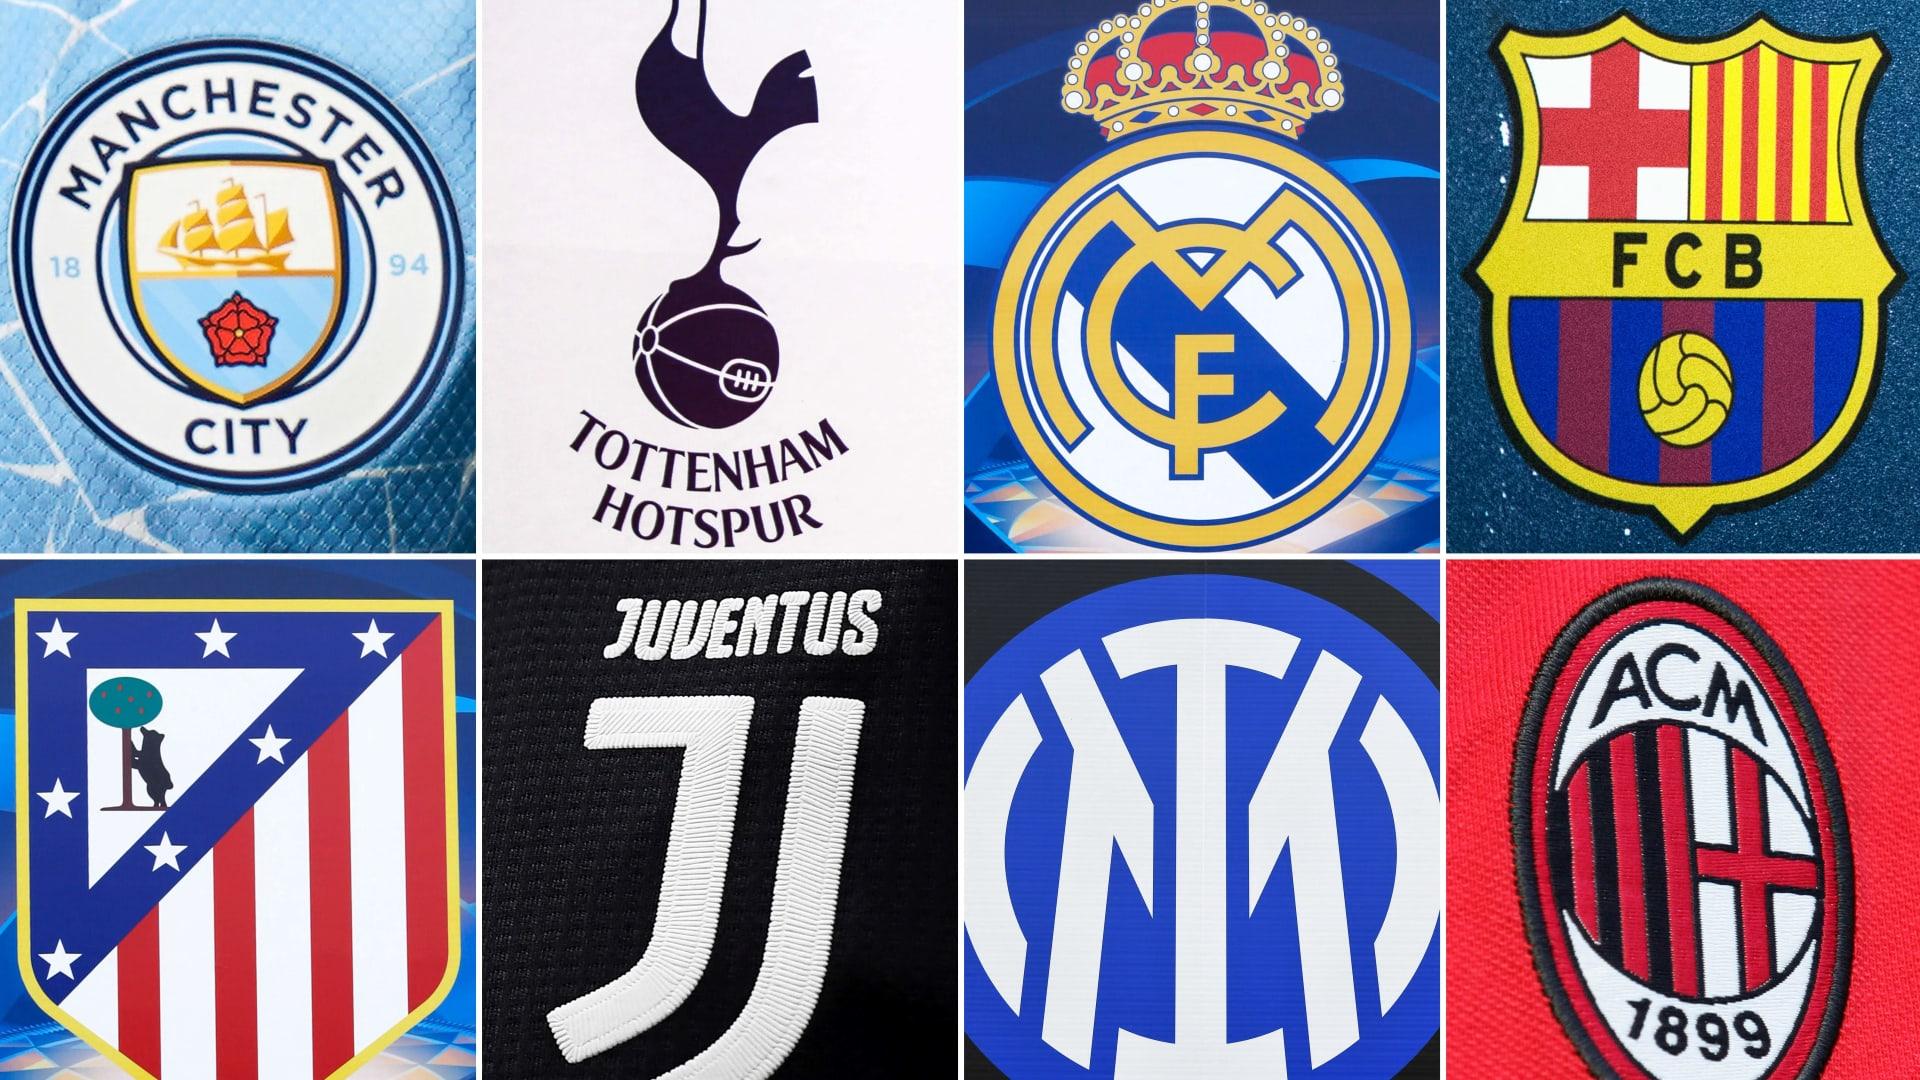 """بيان ثلاثي من ريال مدريد وبرشلونة ويوفنتوس ردا على تهديدات الاتحاد الأوروبي بشأن """"دوري السوبر"""""""